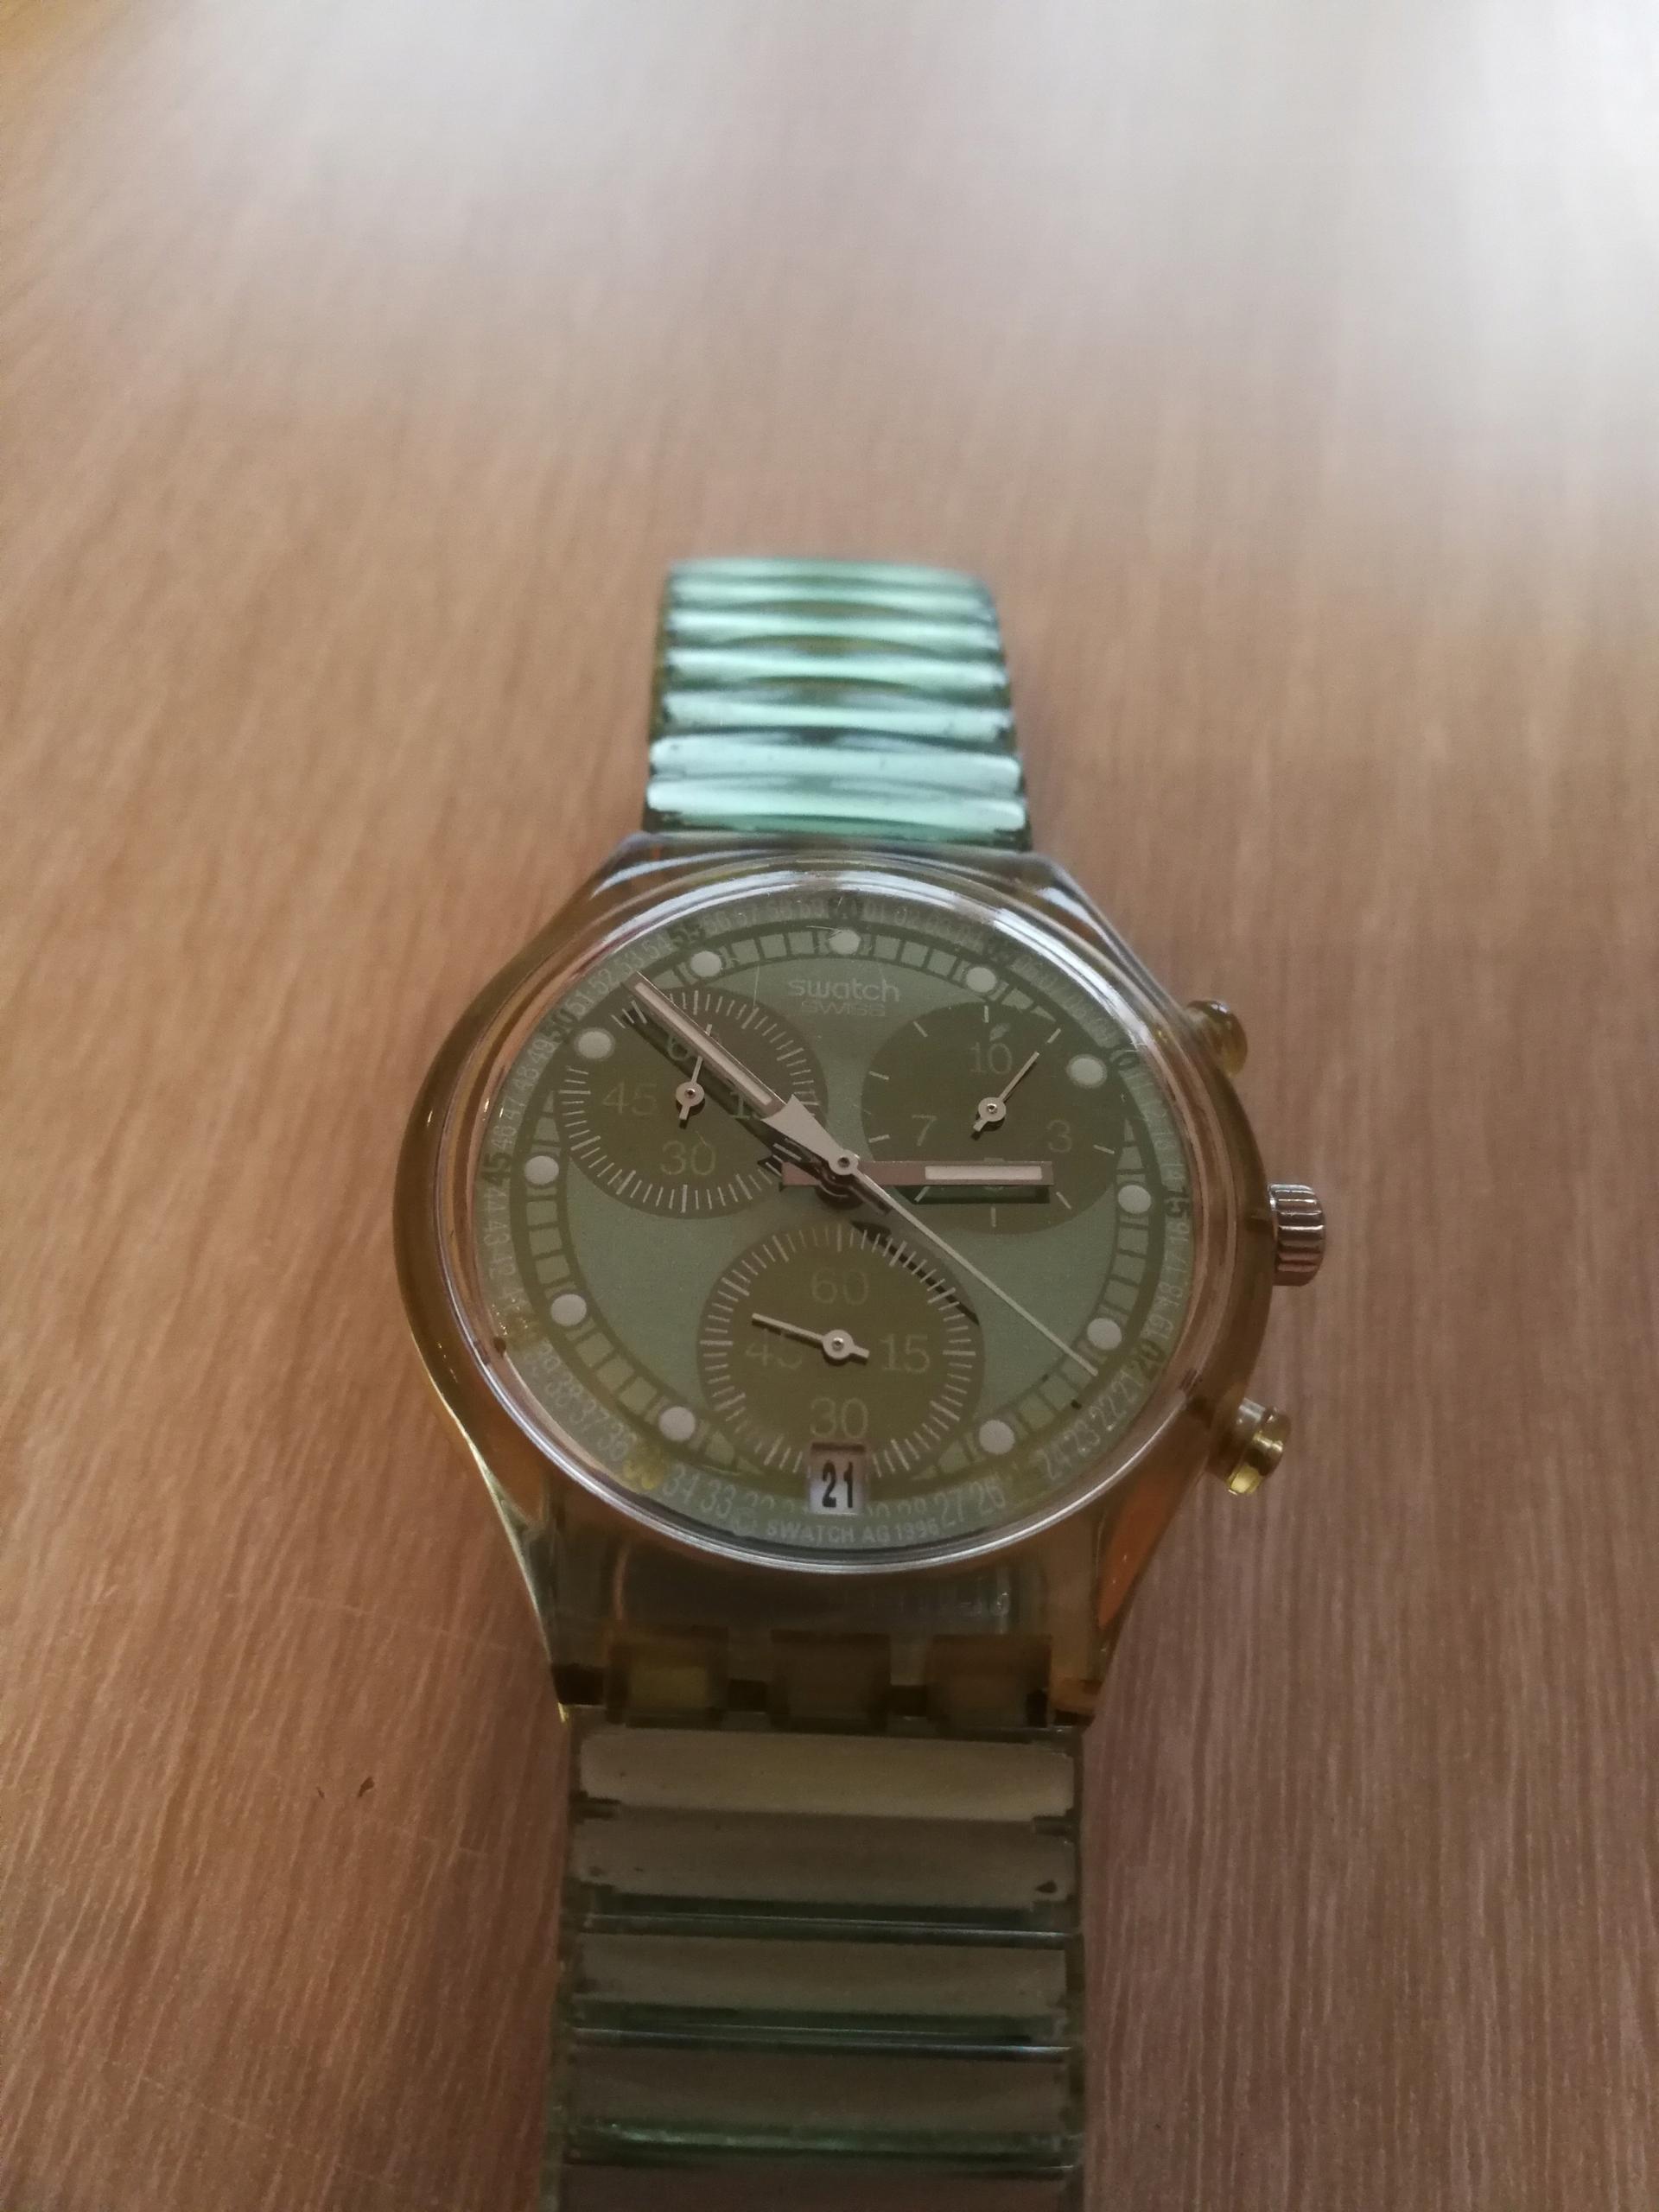 Swatch-chronograf